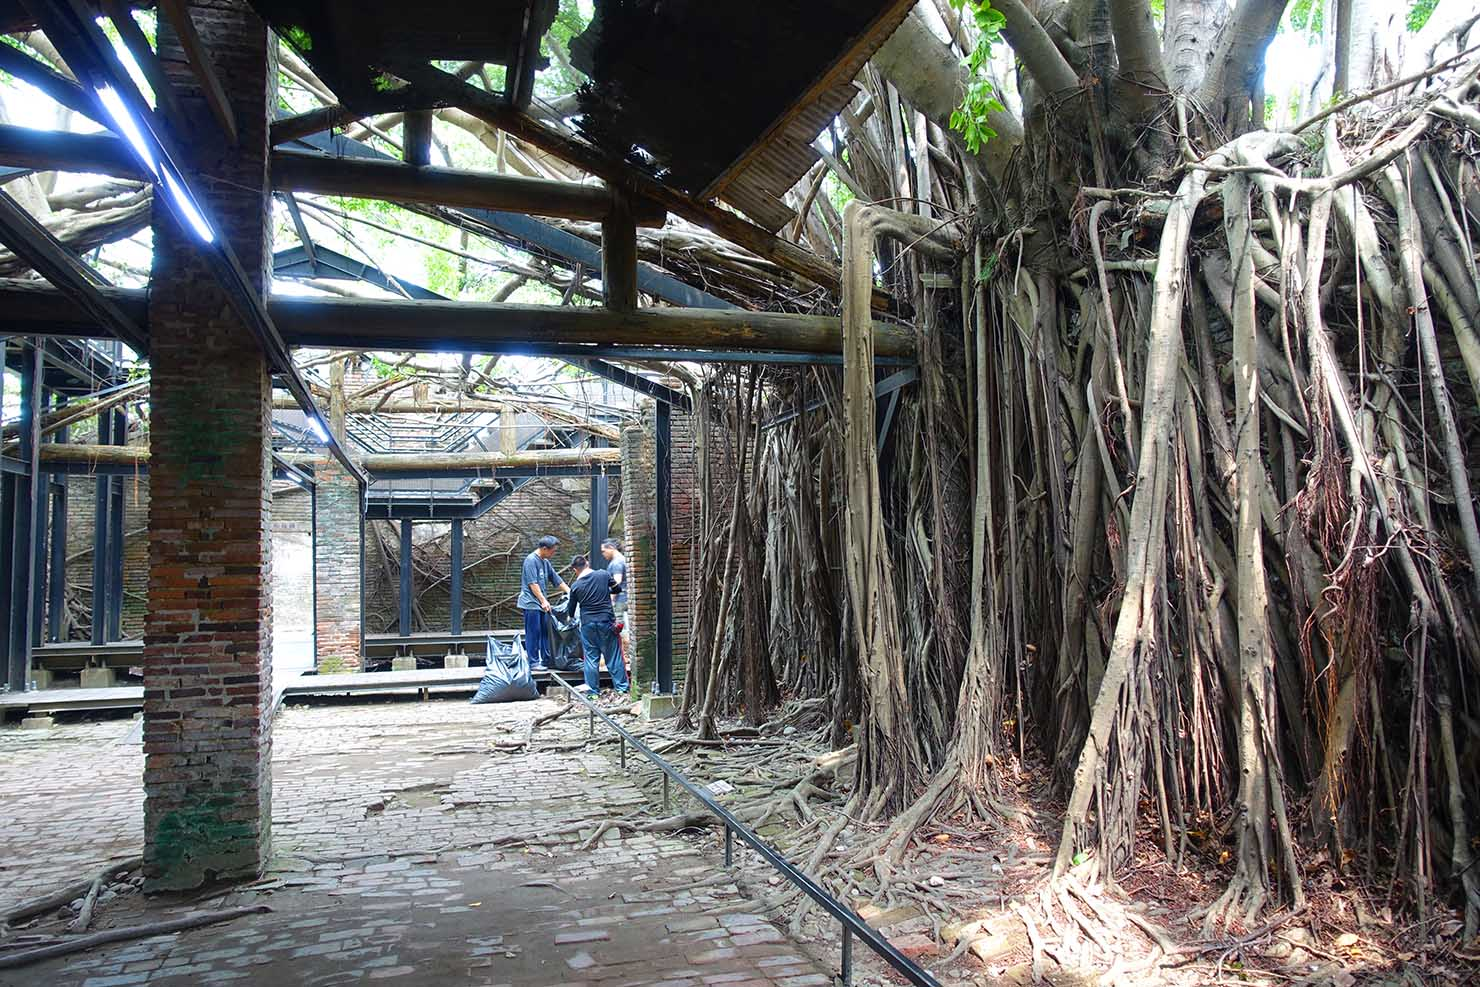 台湾の古都・台南のおすすめ観光スポット「安平樹屋」の内部